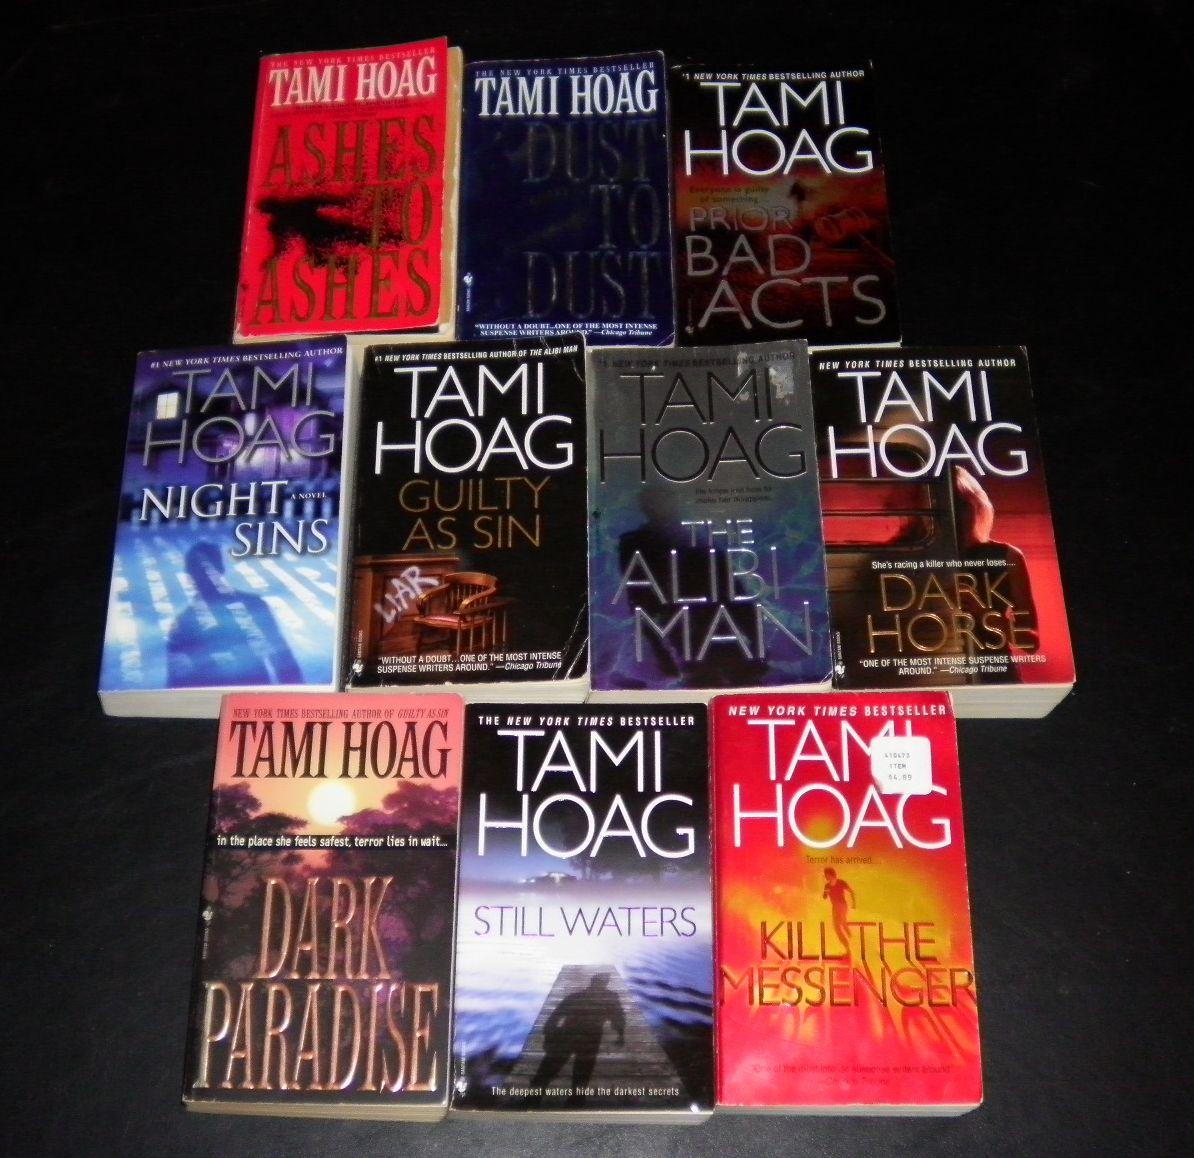 Tami Hoag Lot 10 3 Full Series Kovak Liska Estes Deer Lake We Ship In Boxes Ebay 11 99 Romantic Suspense Tami Hoag Mystery Thriller